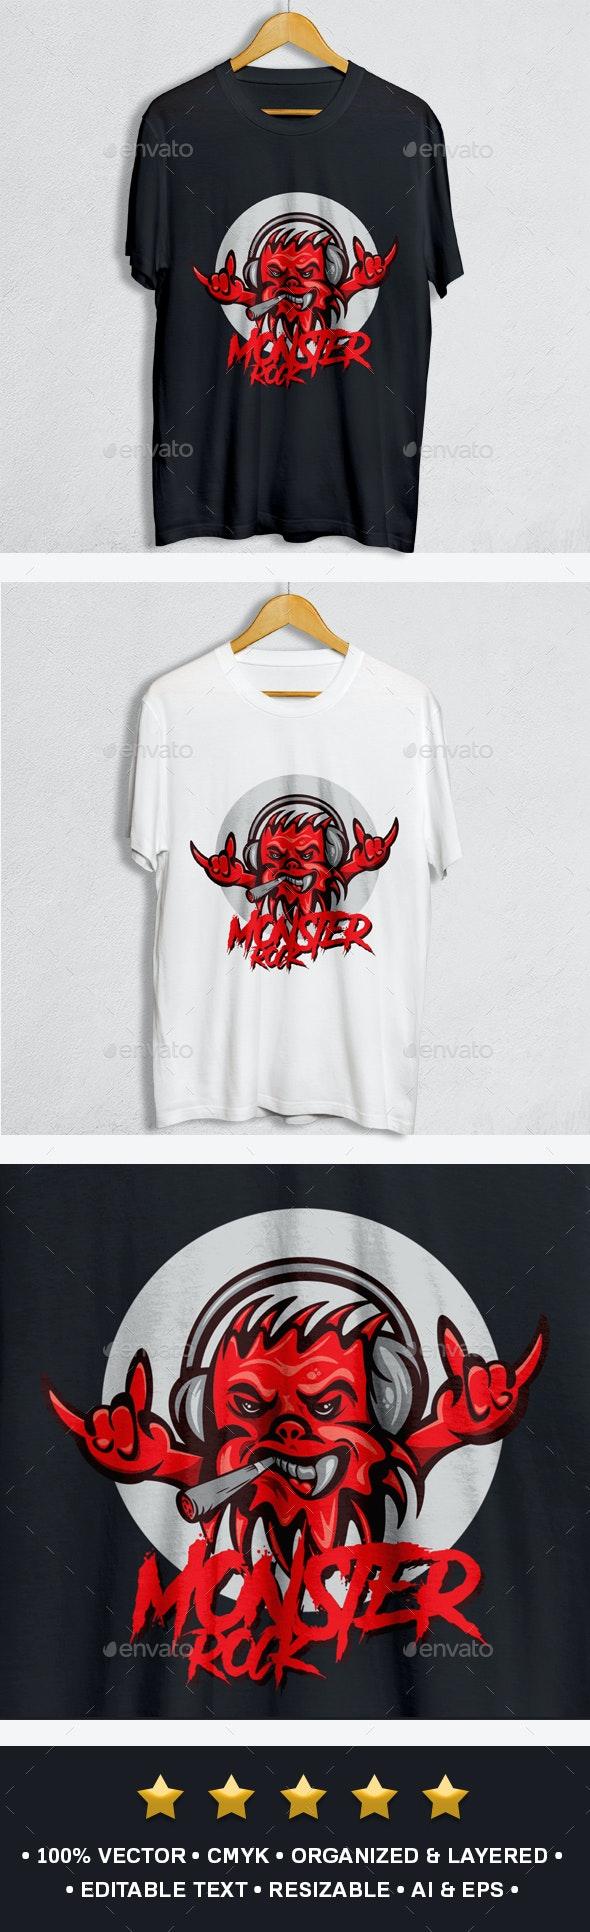 Monster Rock Design